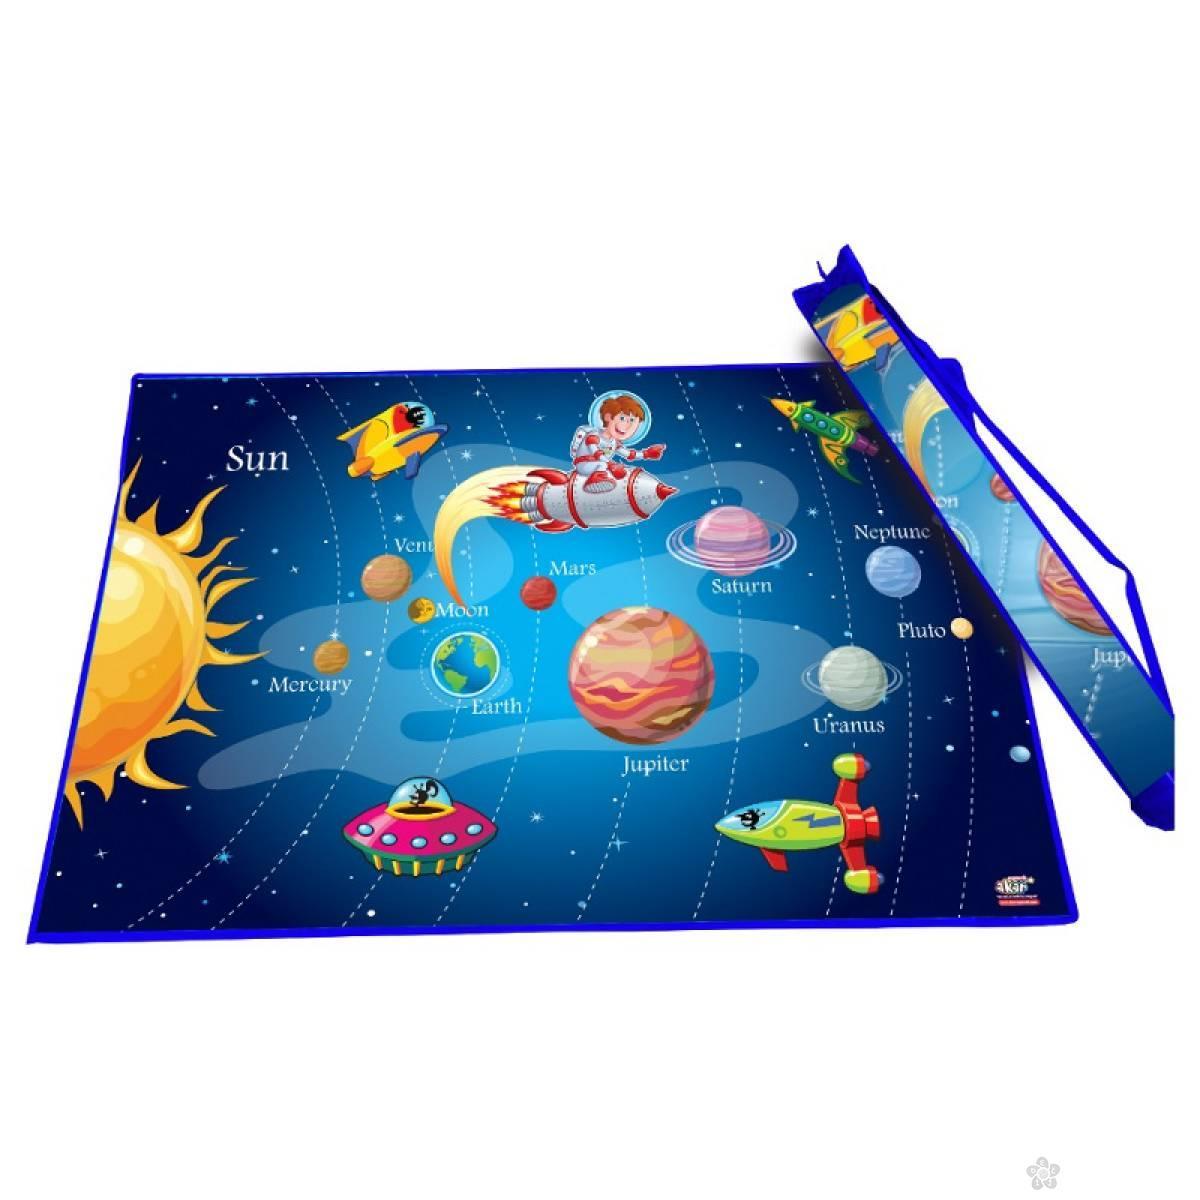 Prostirka Sunčev sistem 391334